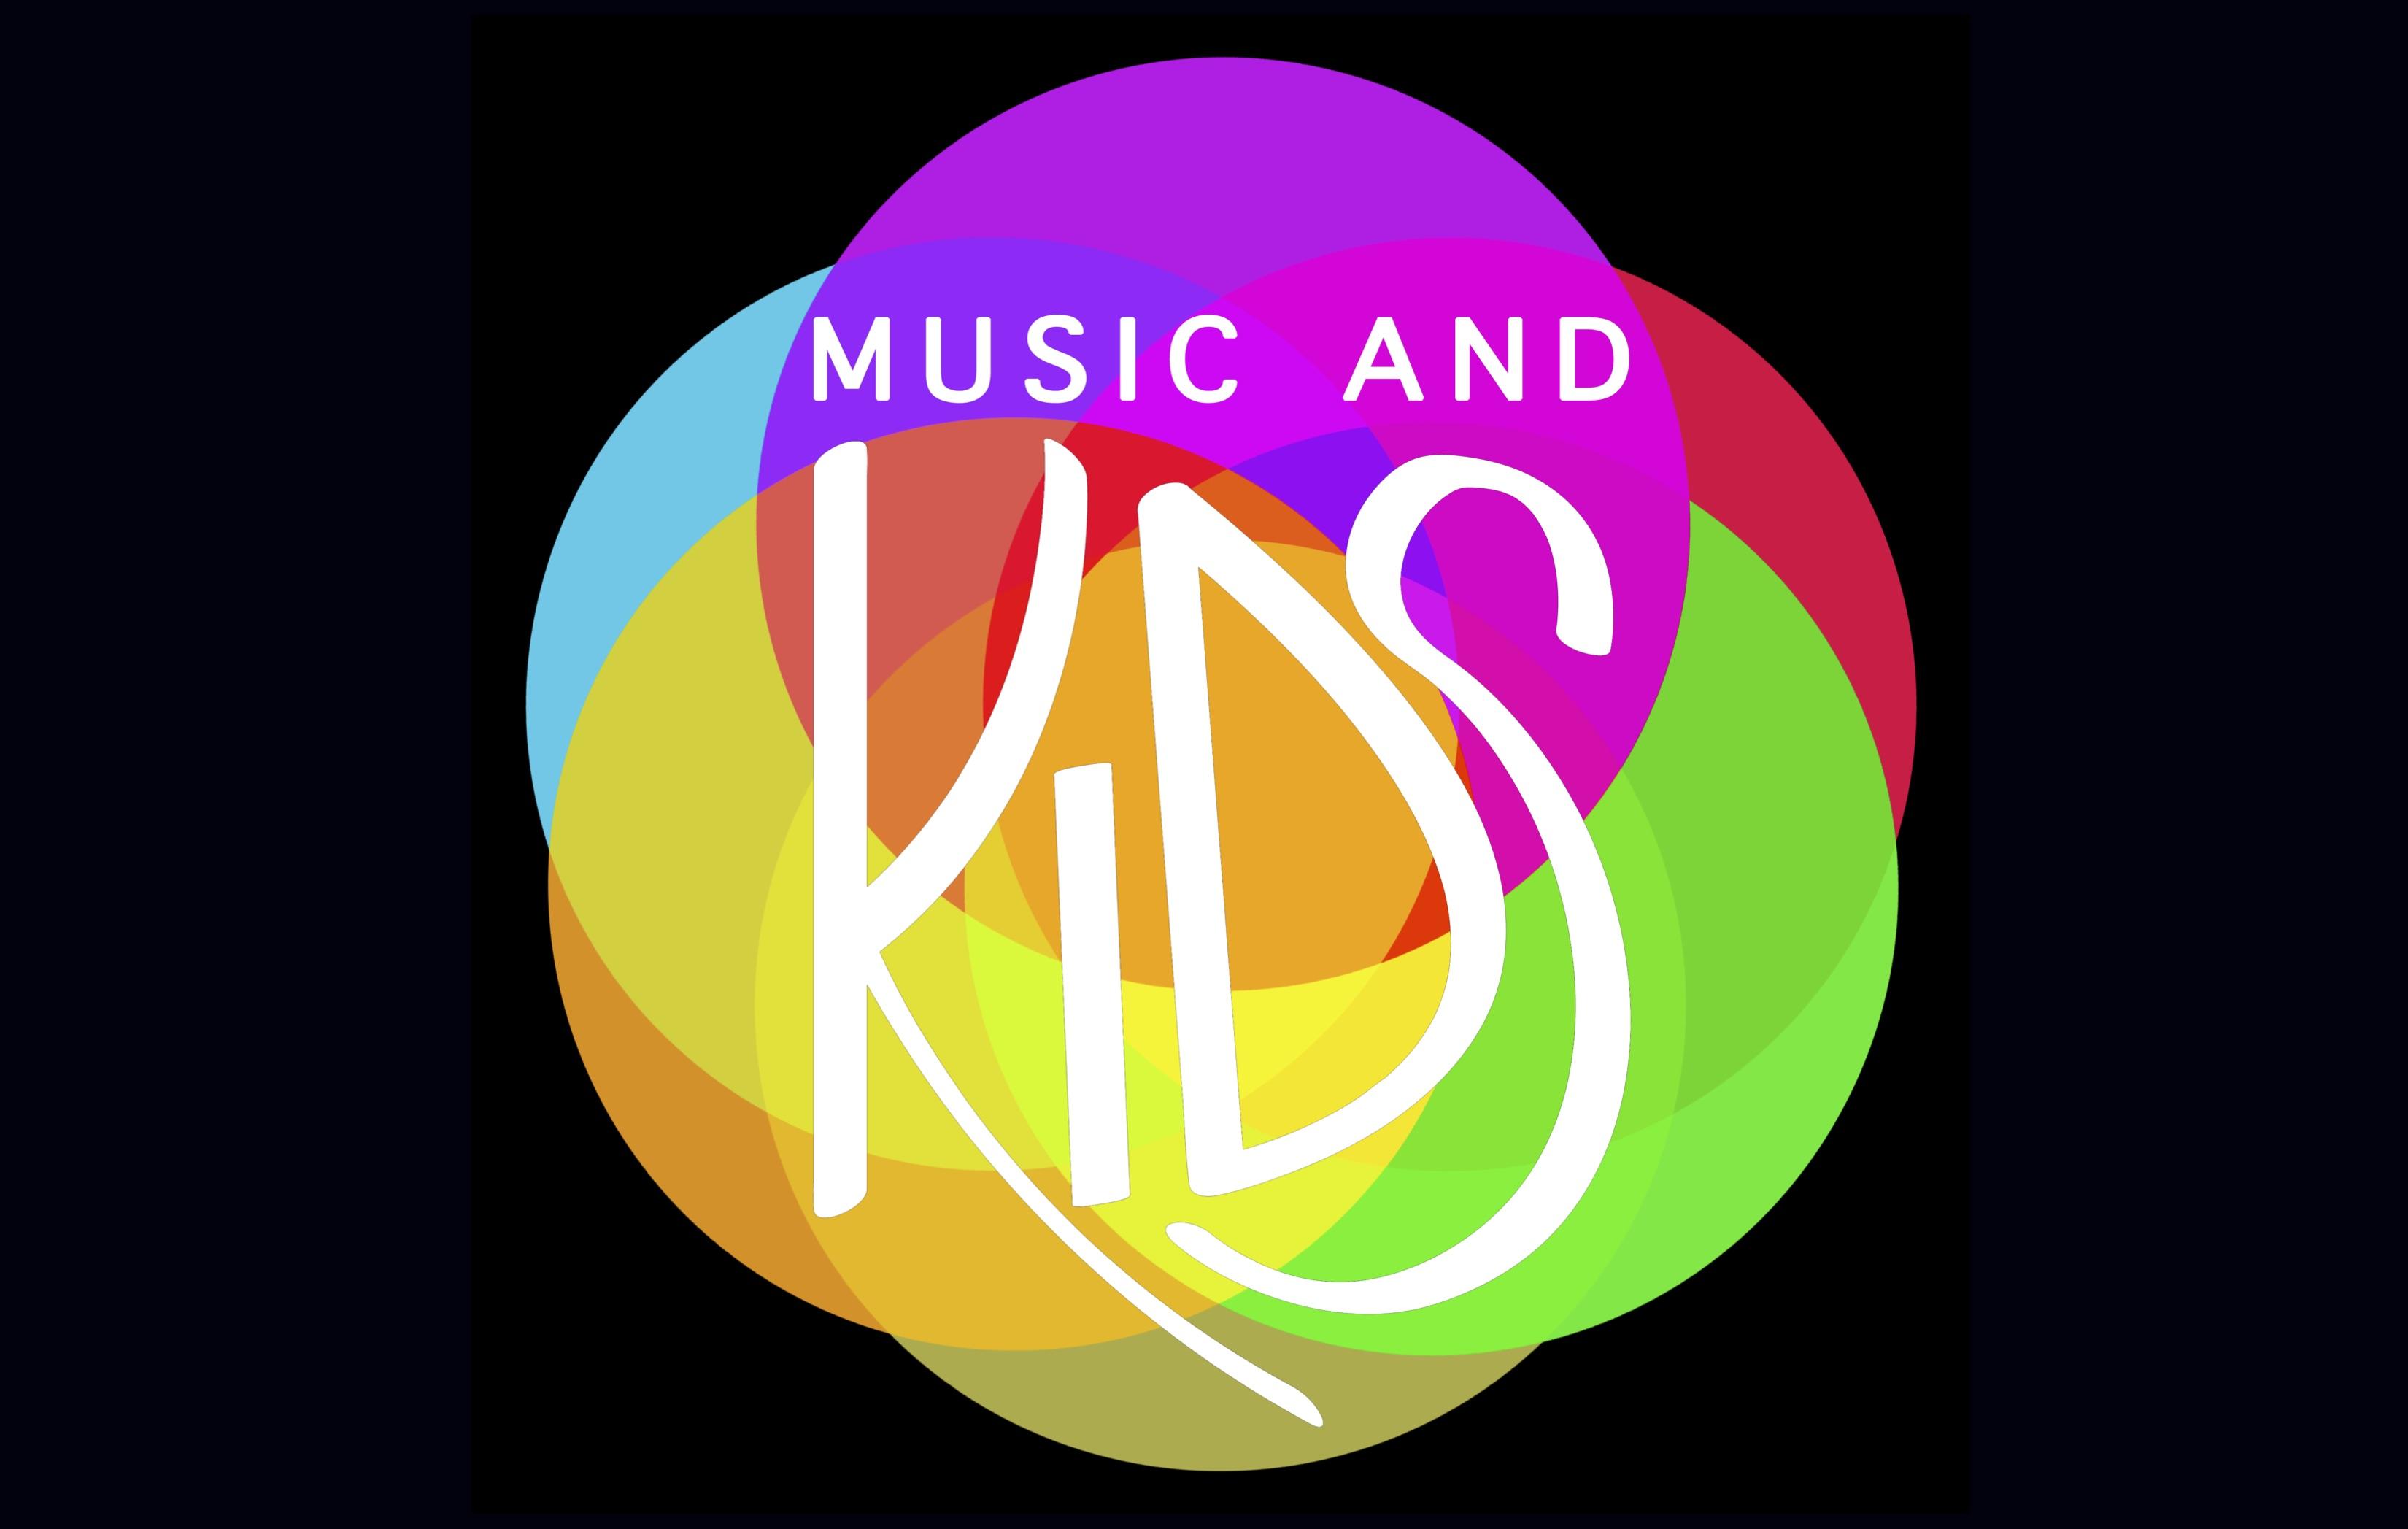 Music & Kids